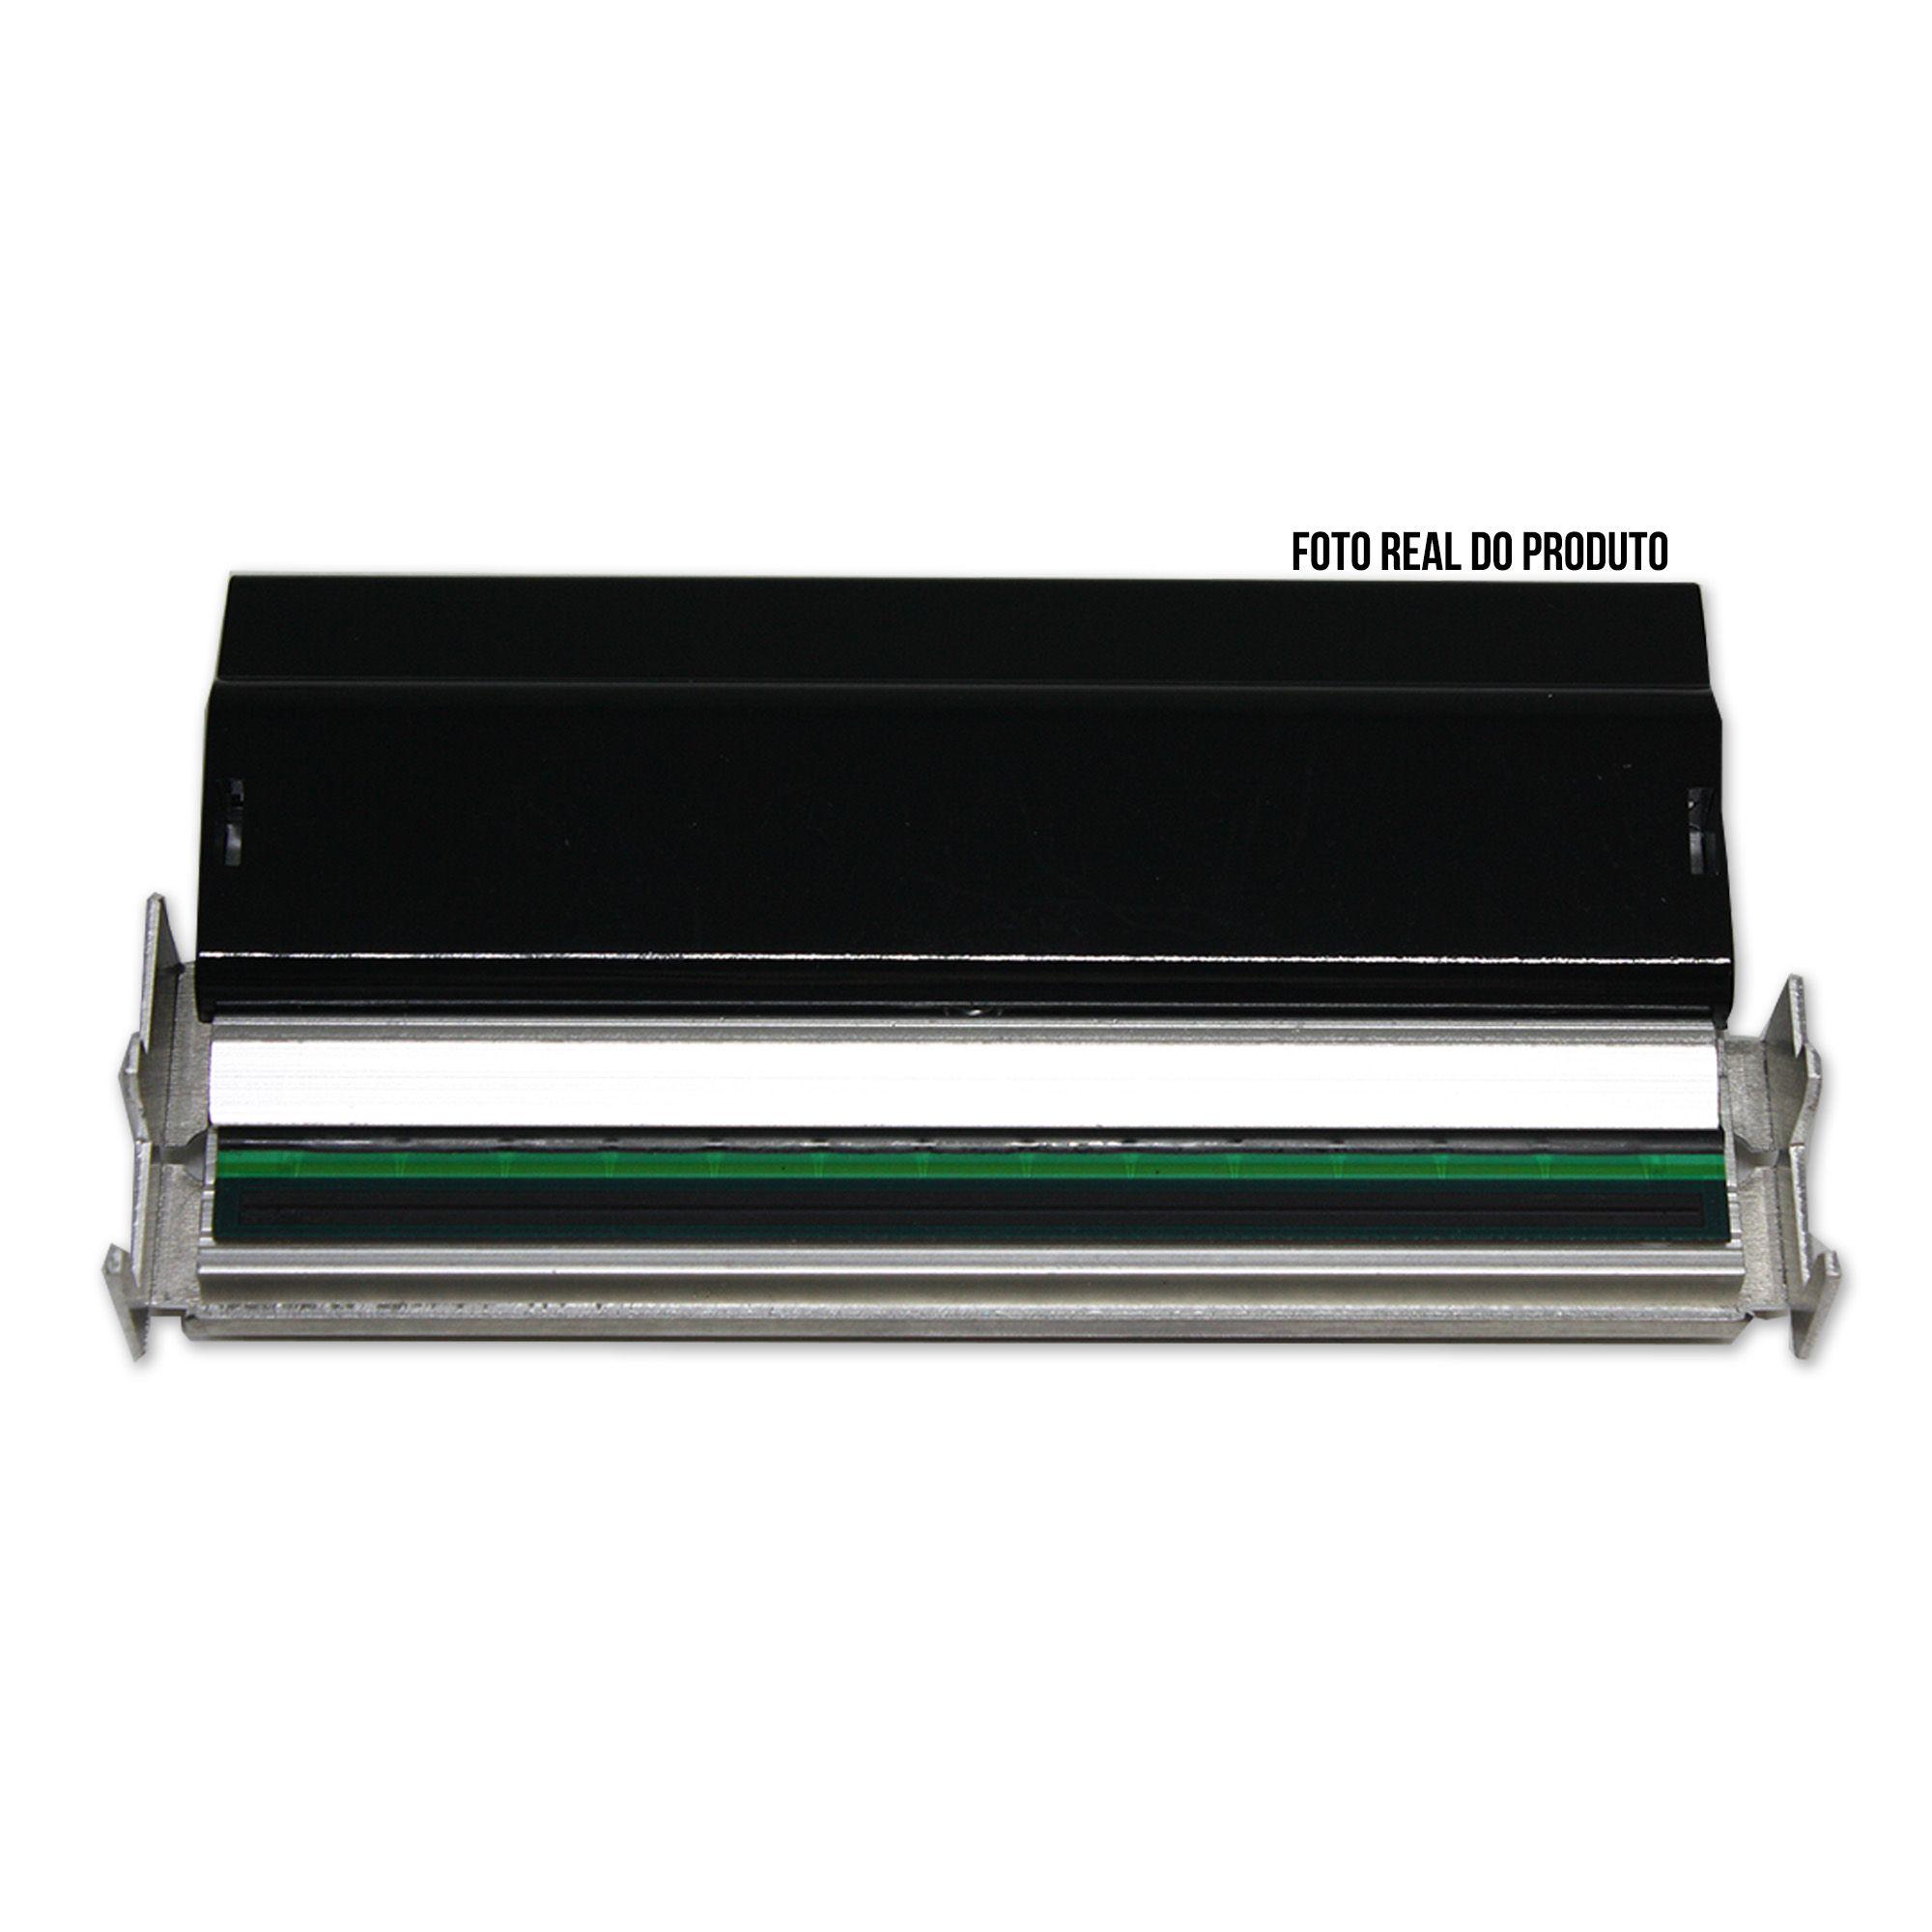 Cabeça de Impressão Zebra ZM400 203 dpi P/N 79800M